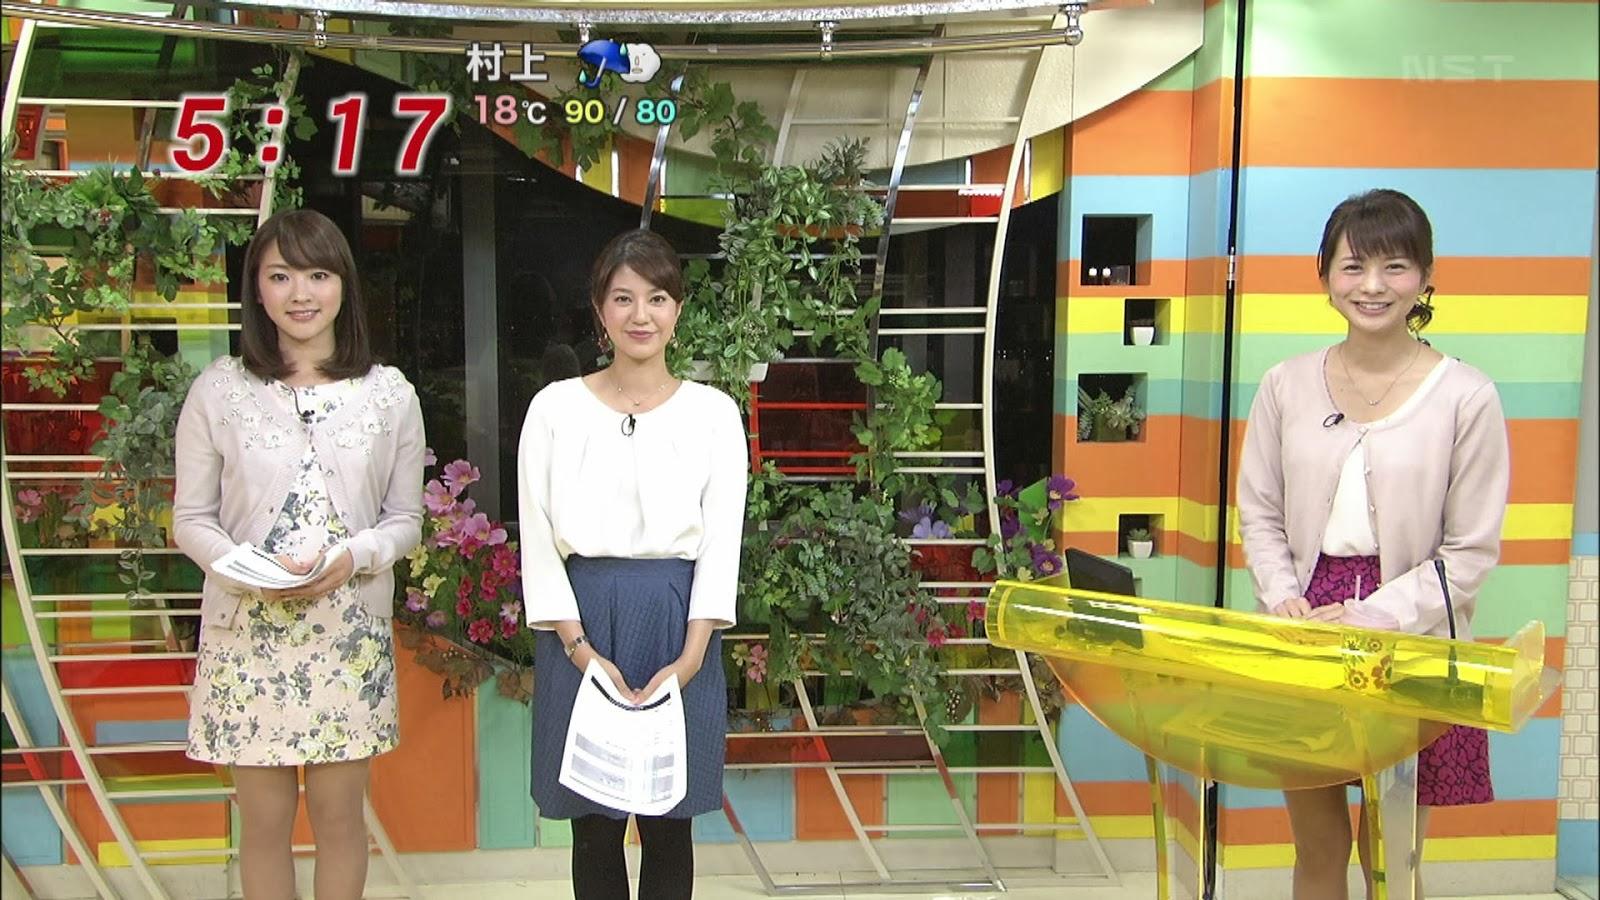 三上真奈、遠藤玲子、 高見侑里の美脚・ミニスカ 13年11月7日 めざに... 三上真奈、遠藤玲